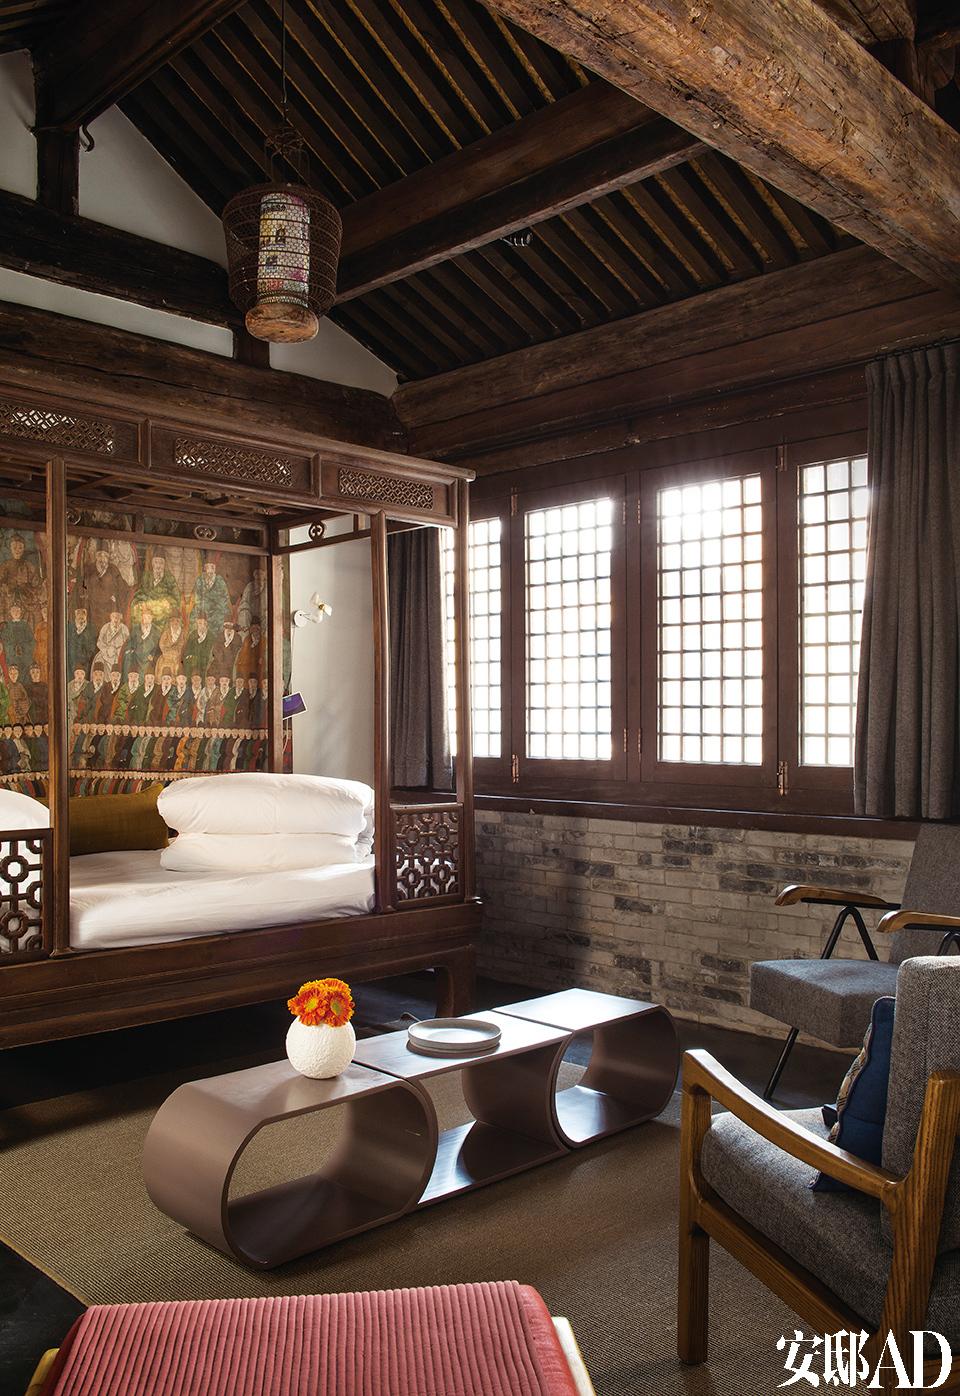 """僧寮客房中唯一的一间单人房""""牡丹""""配备了一张鸡翅木古董雕花床,配上Juan多年前从潘家园淘到的陕西清代家庭画像,更是气场强大。三只凹凸有致的子母桌由刘利年设计,羊毛覆面的扶手椅是Juan请一位上海做家具的朋友定制的。"""